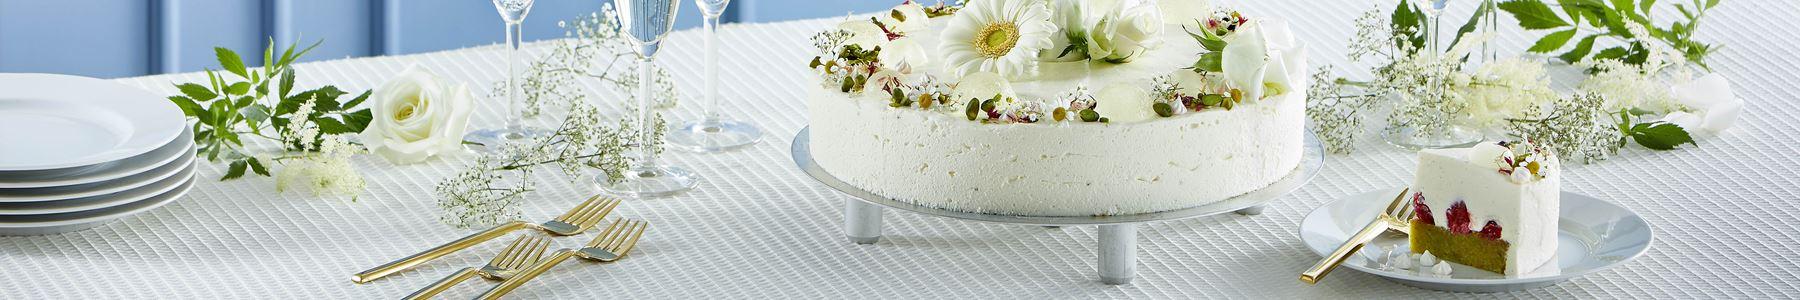 Desserter + Blomster